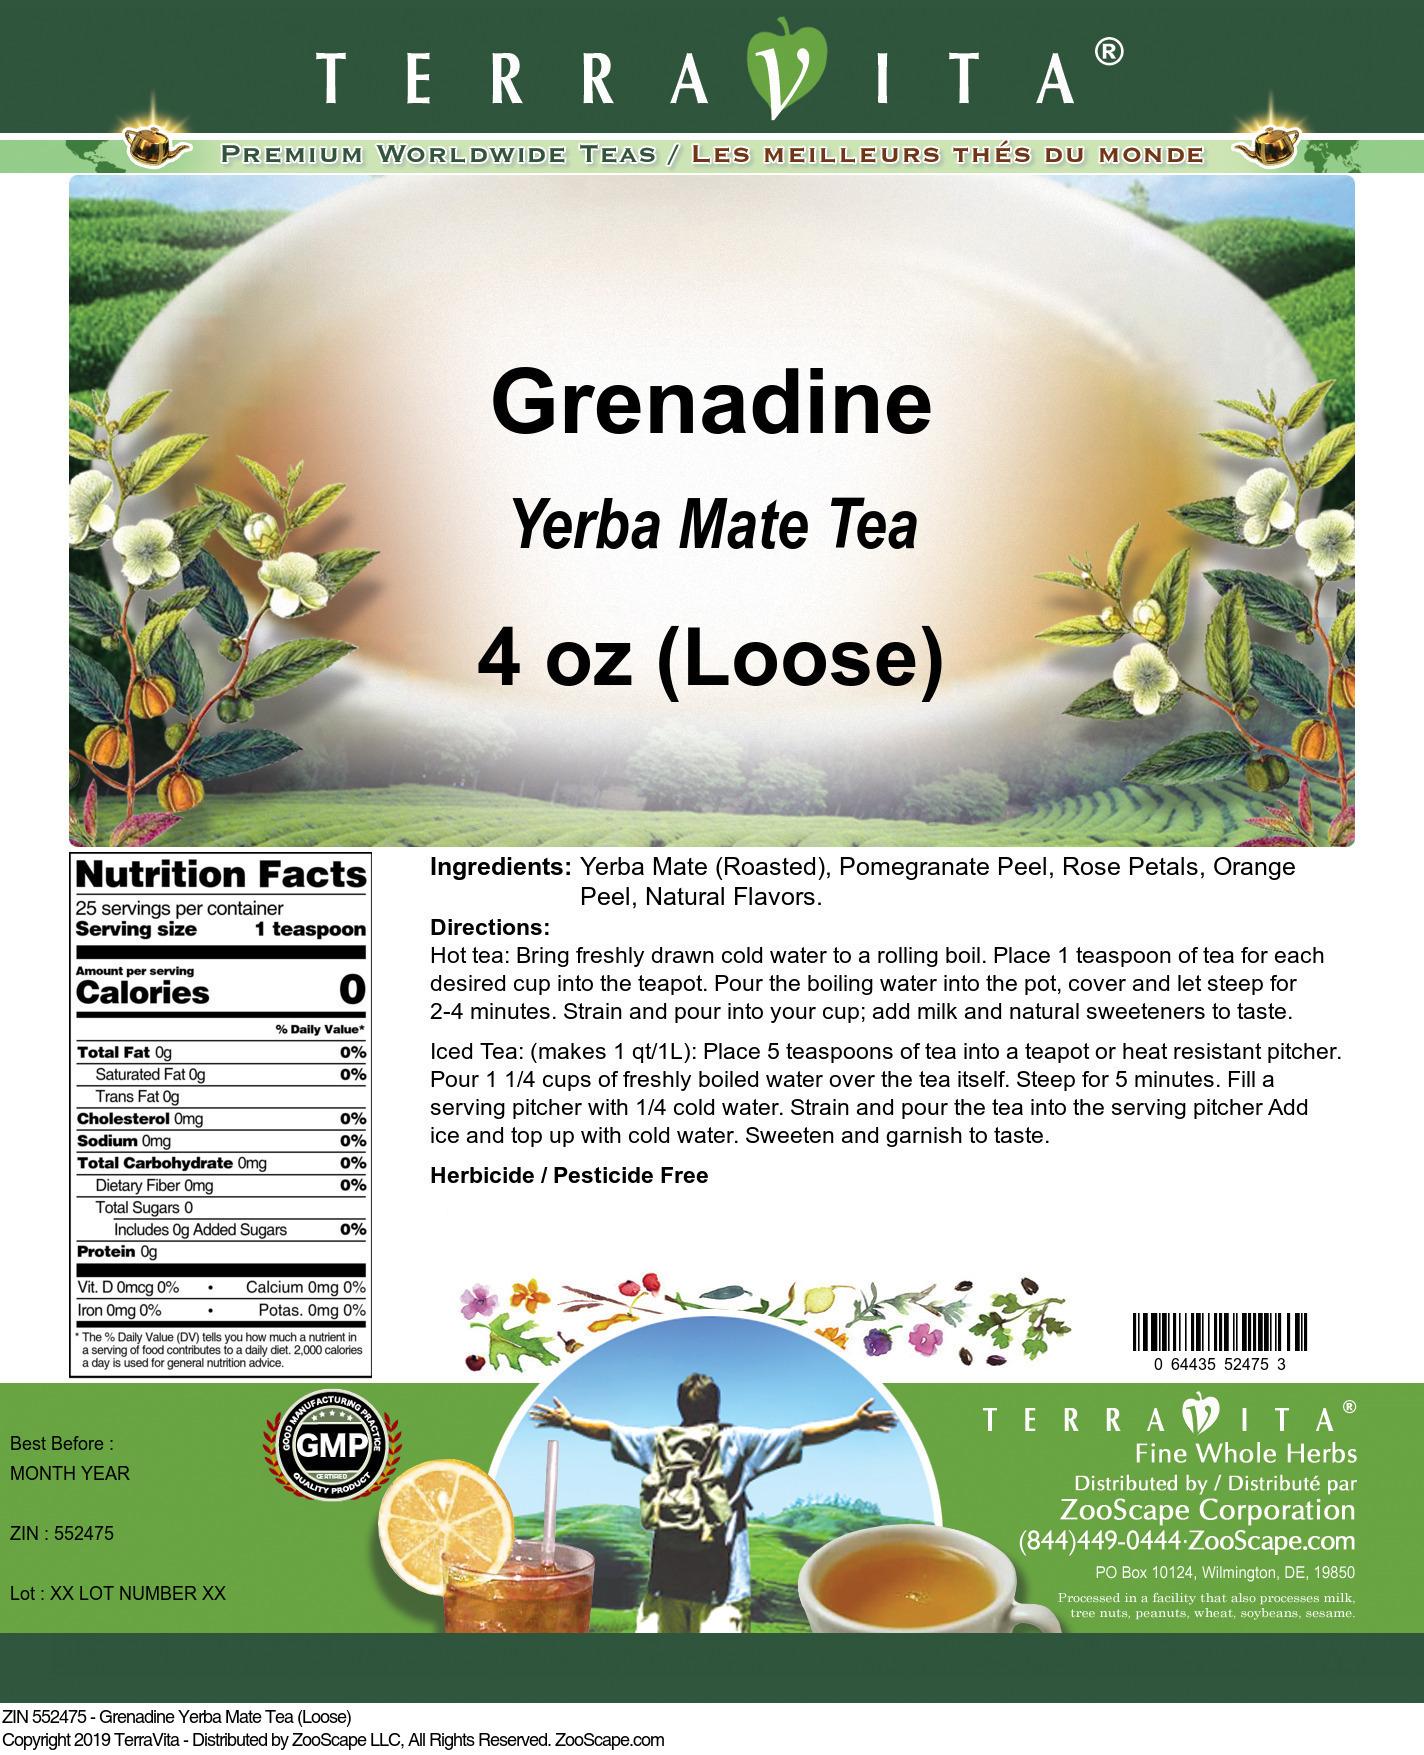 Grenadine Yerba Mate Tea (Loose)